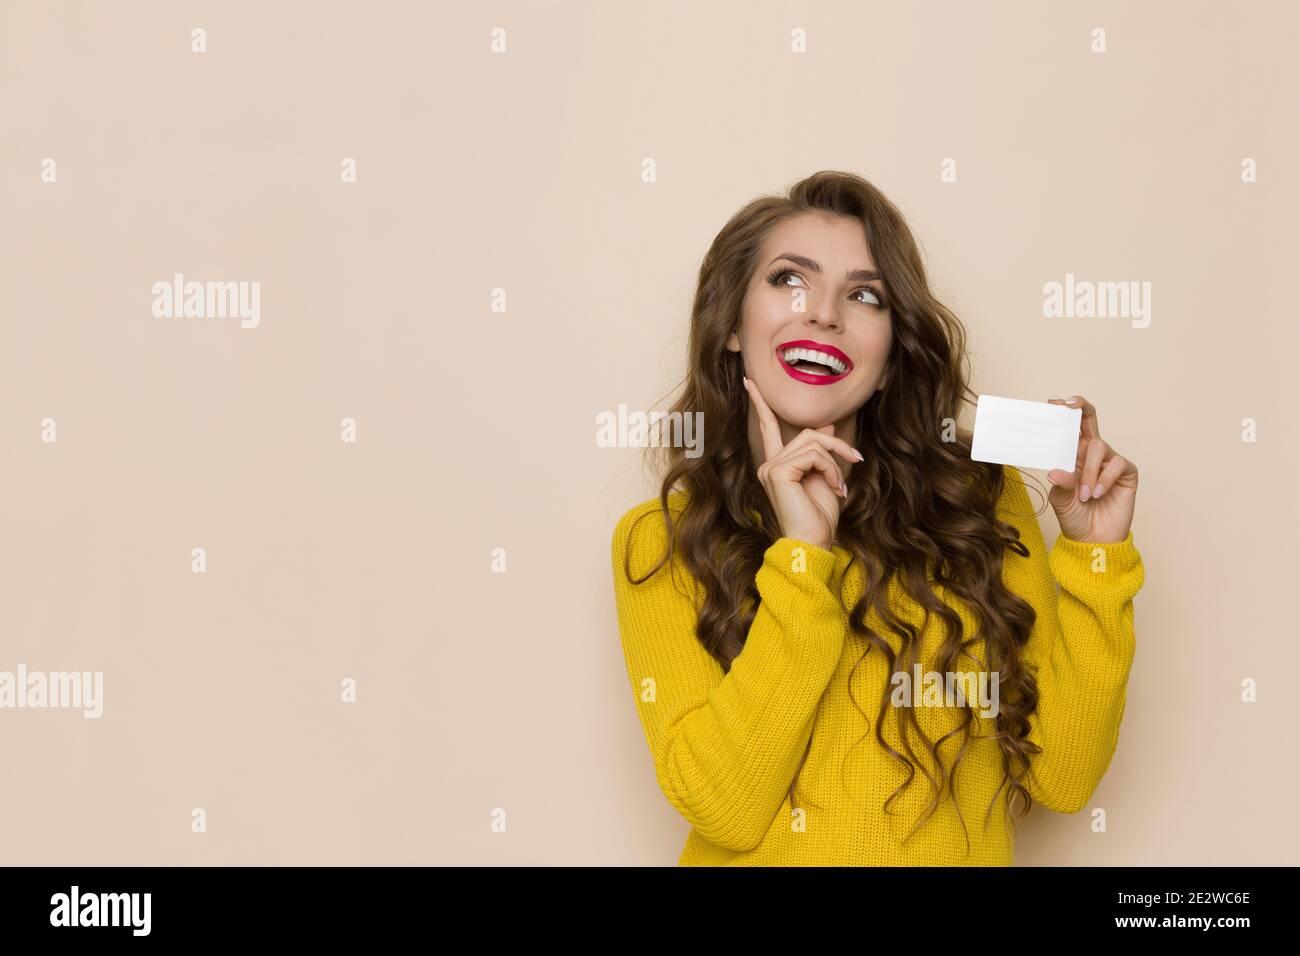 Casual junge Frau hält weiße Plastikkarte, lächelnd, nach oben schauen und denken. Studio-Aufnahme in der Taille auf beigefarbenem Hintergrund. Stockfoto